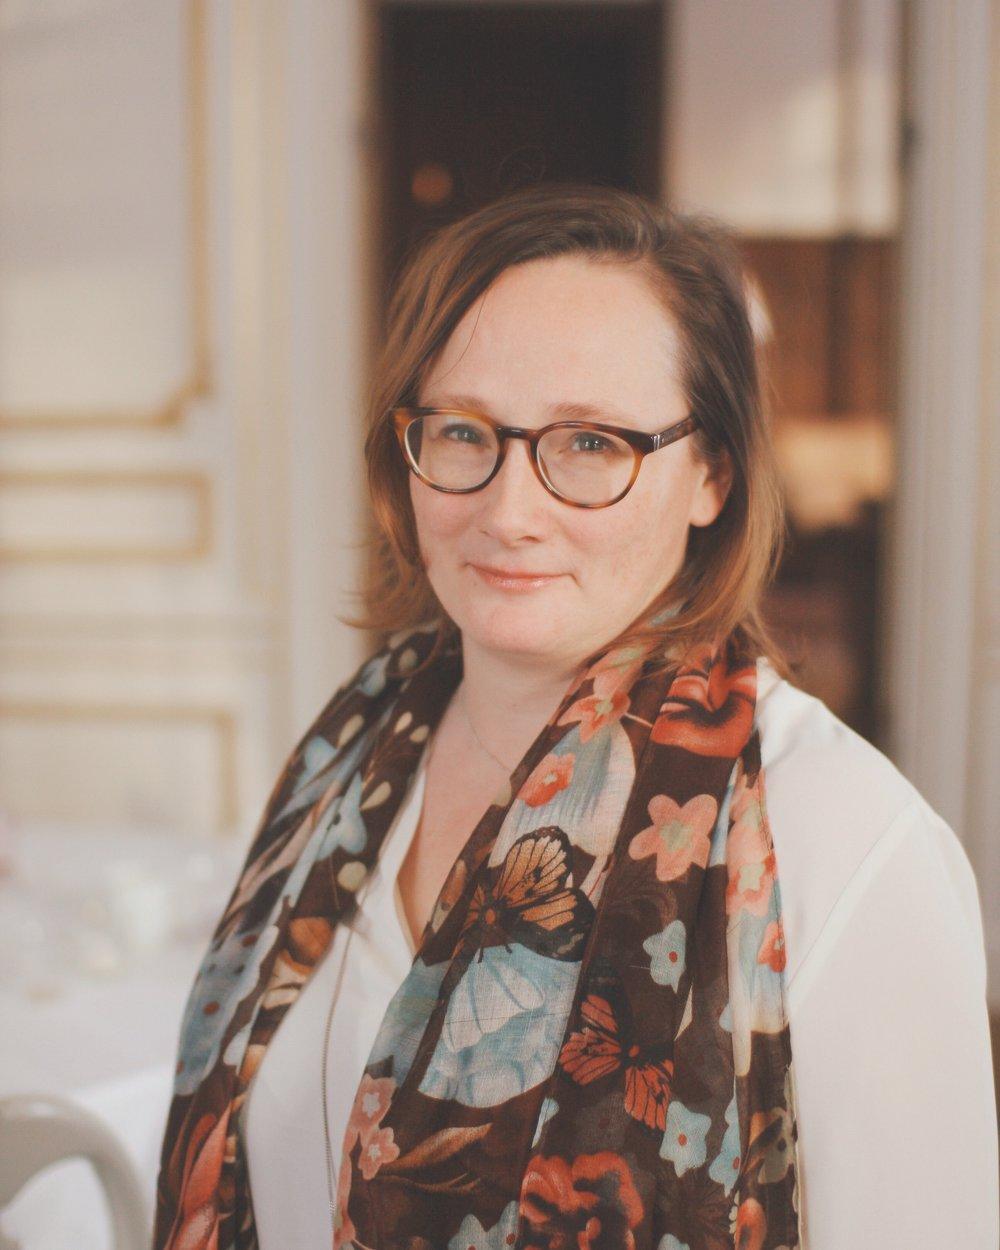 Anna Wilhelmsson  +46 76-047 78 84    anna.wilhelmsson@gaialeadership.com